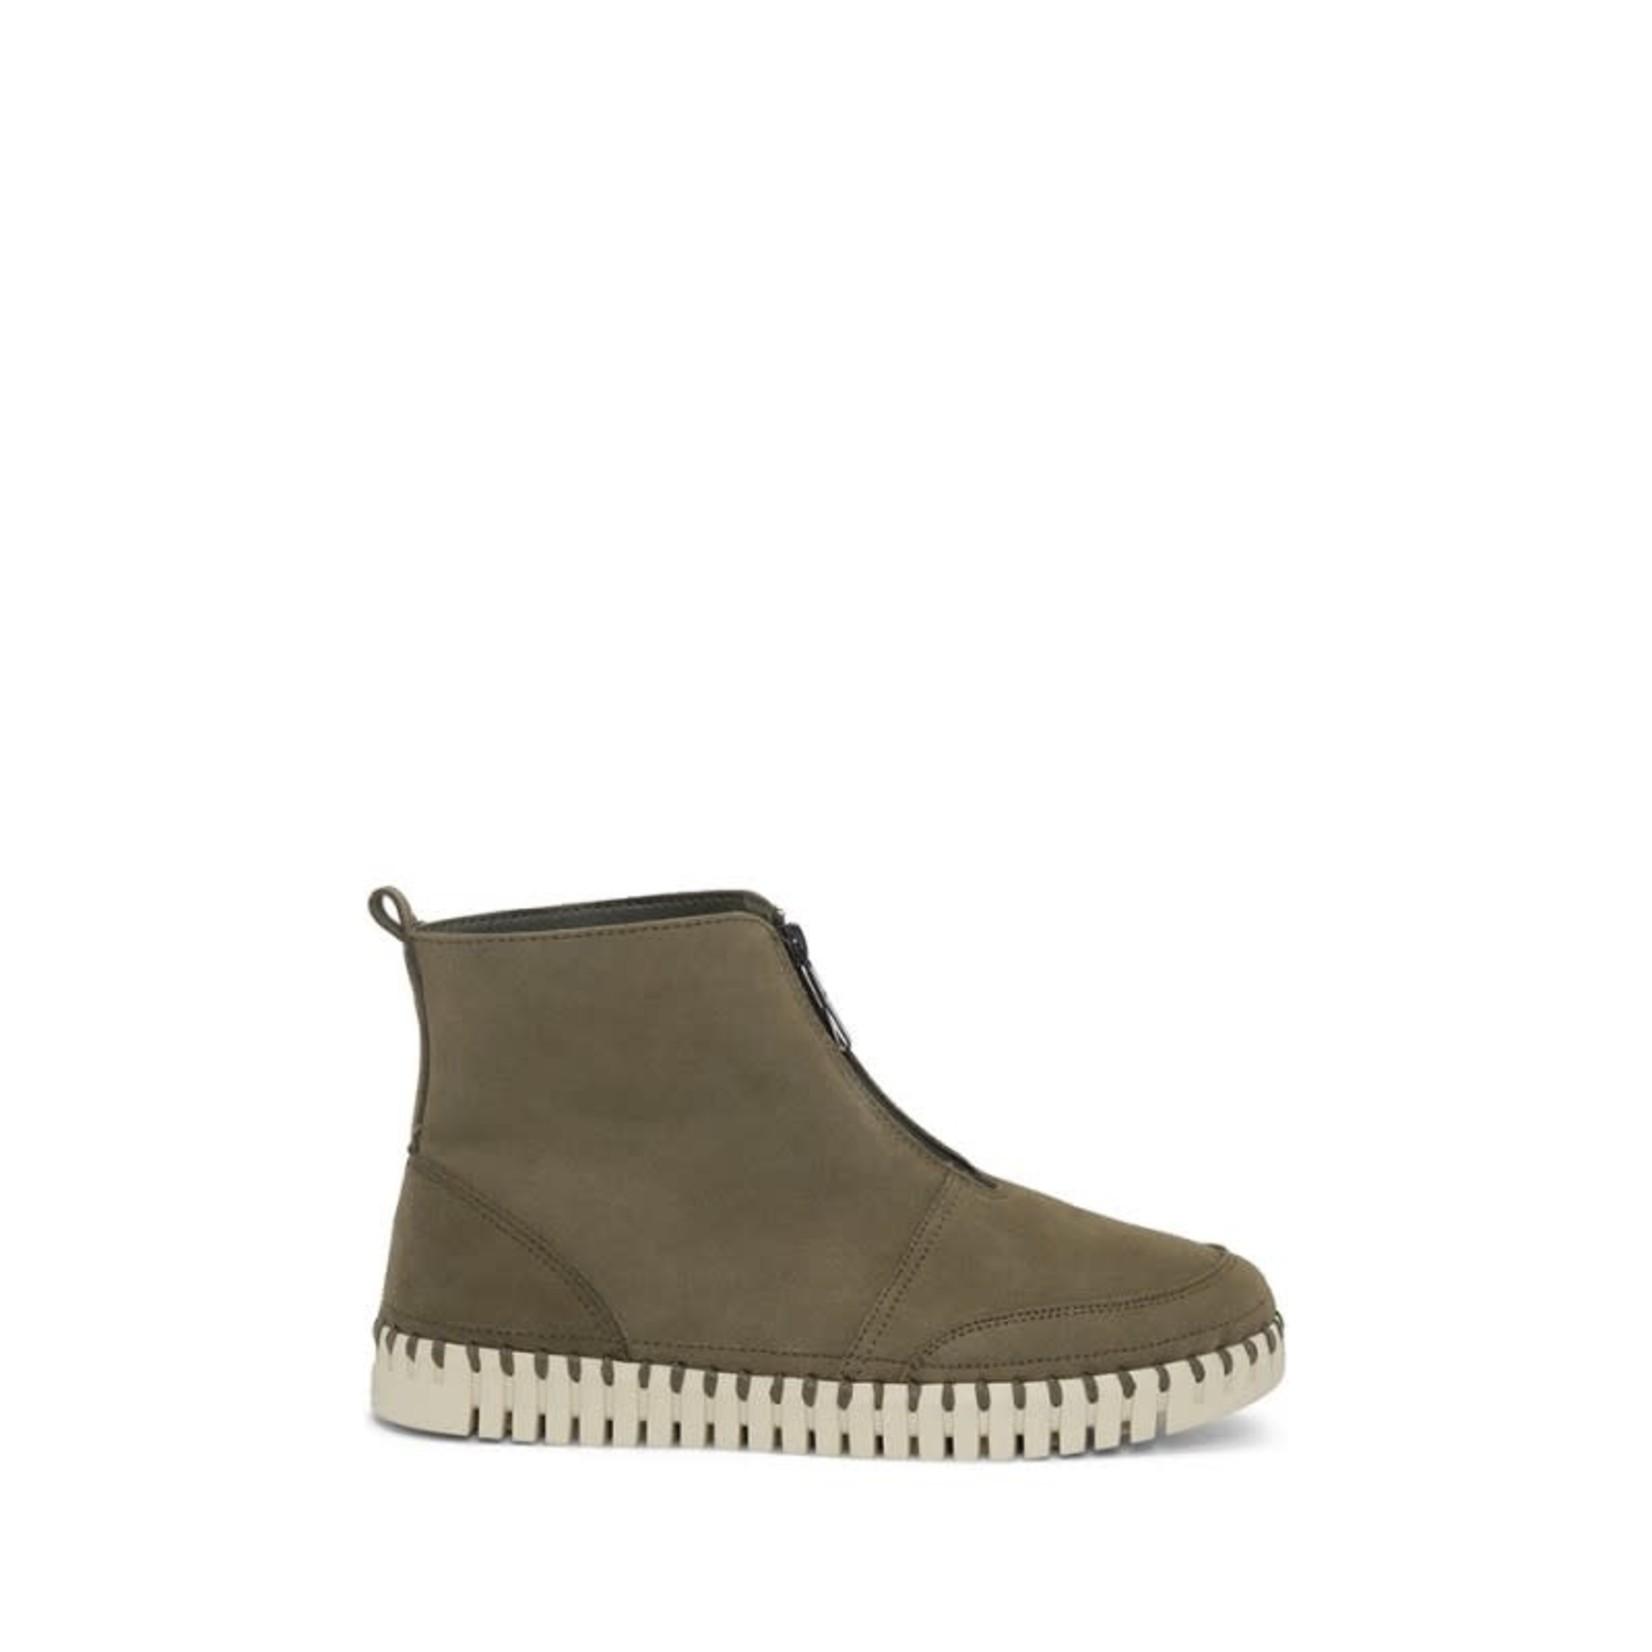 Ilse Jacobsen Ilse Jacobsen Ankle Boots Deep Olive 6071